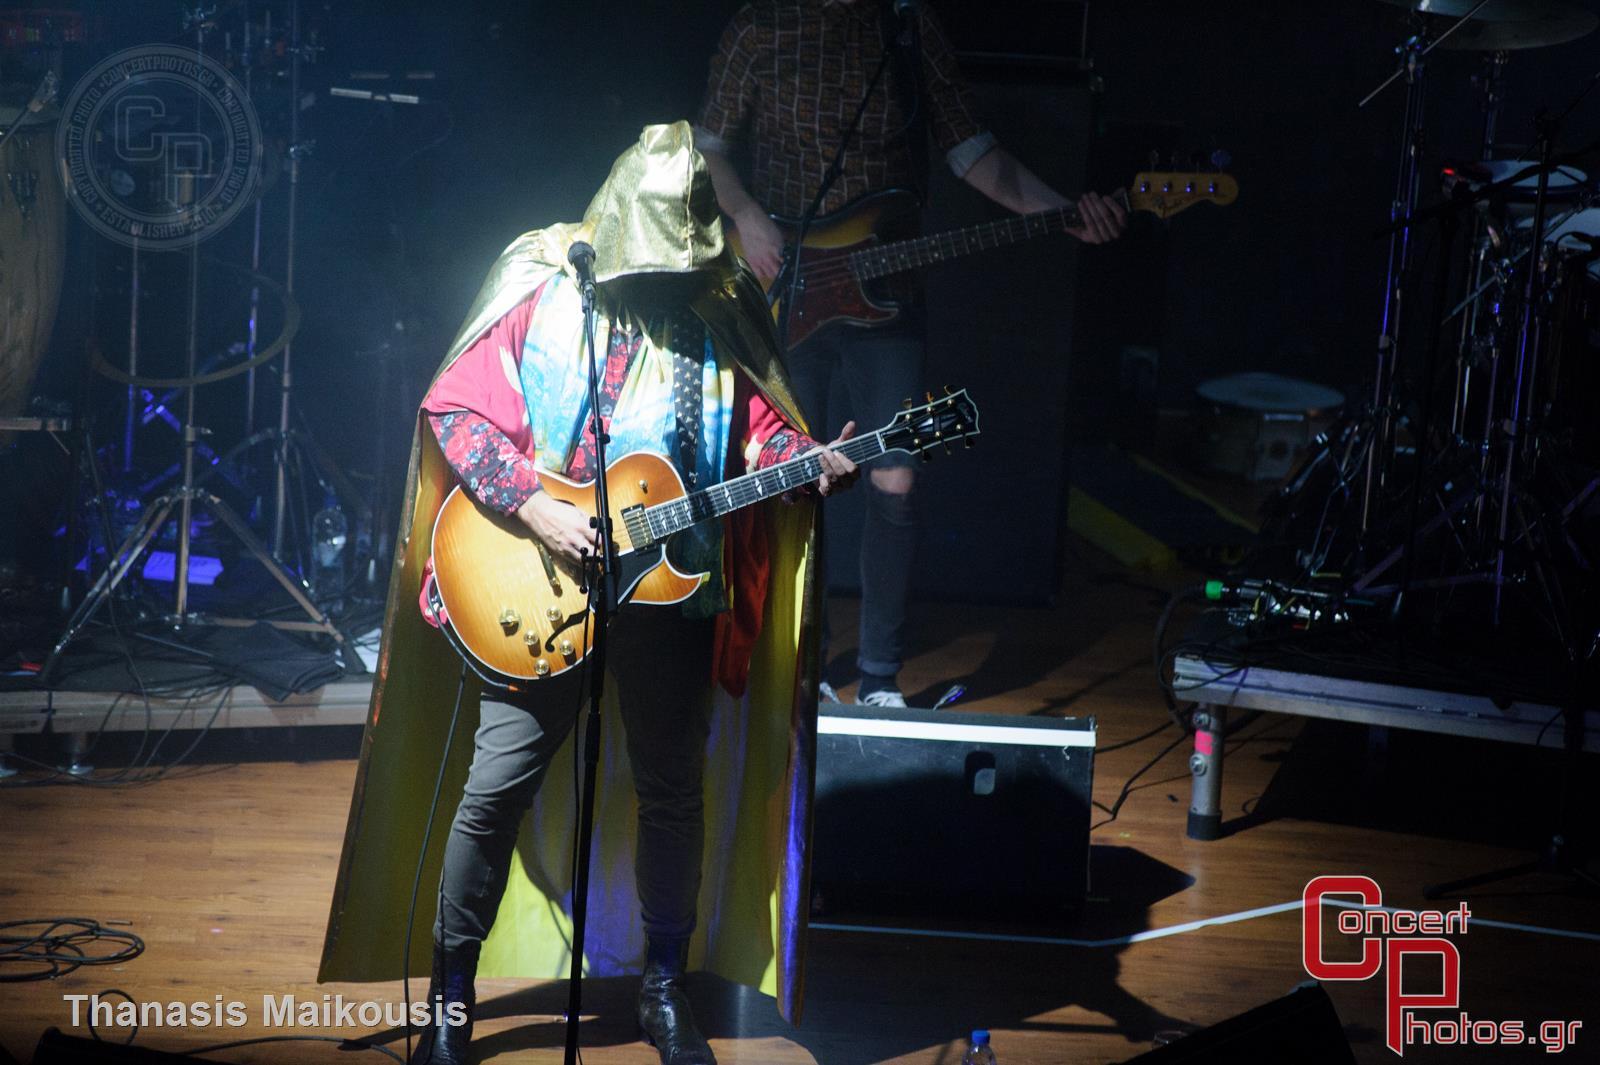 Sebastien Telier & Liebe-Sebastien Telier Liebe photographer: Thanasis Maikousis - concertphotos_20141108_00_57_58